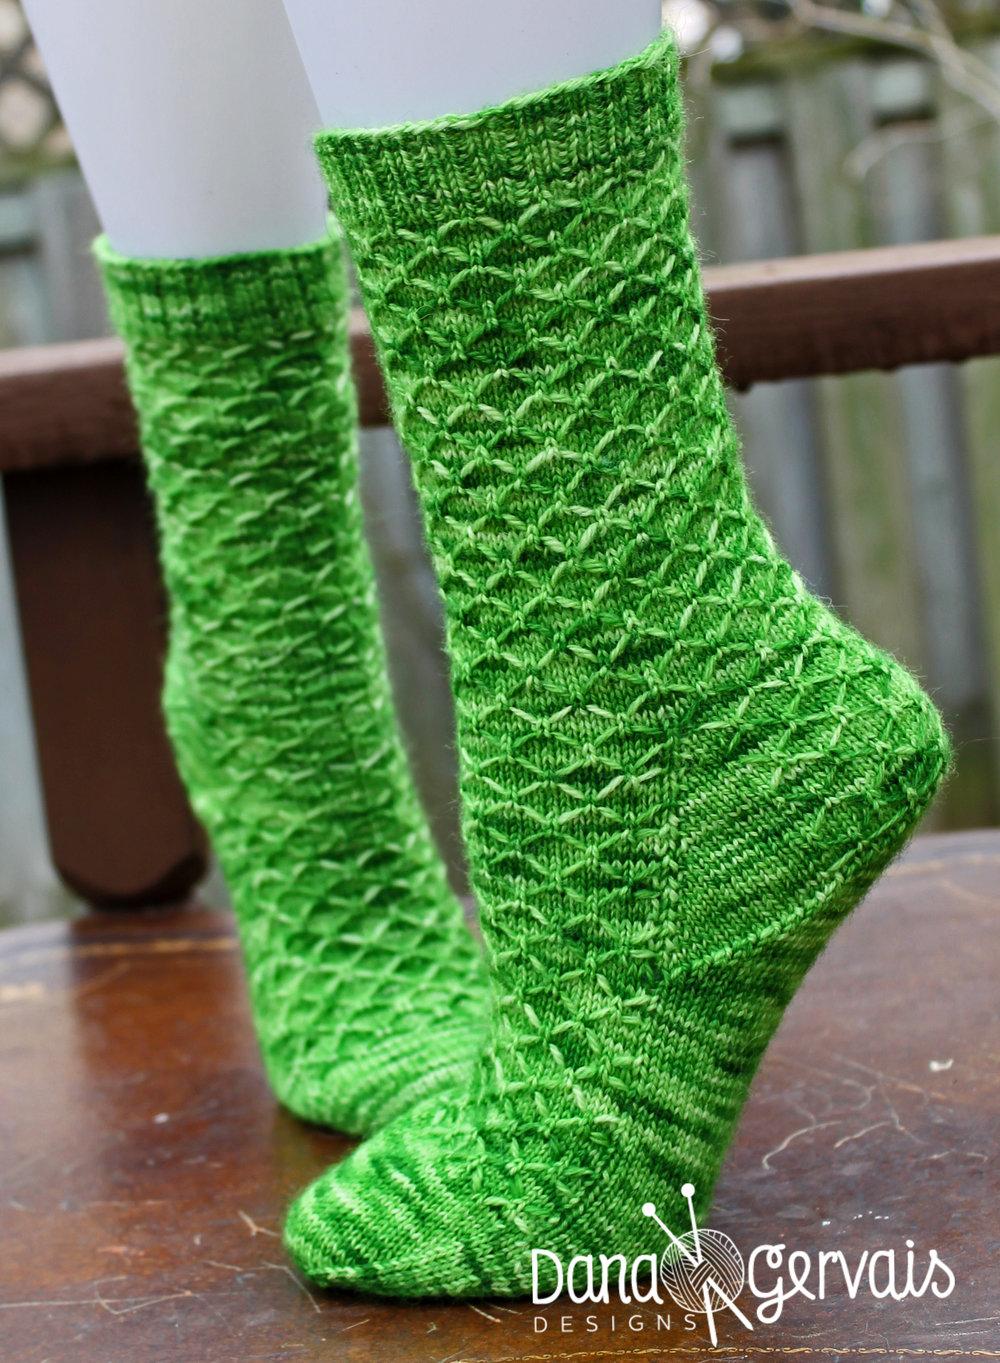 Textured Stitch Patterns